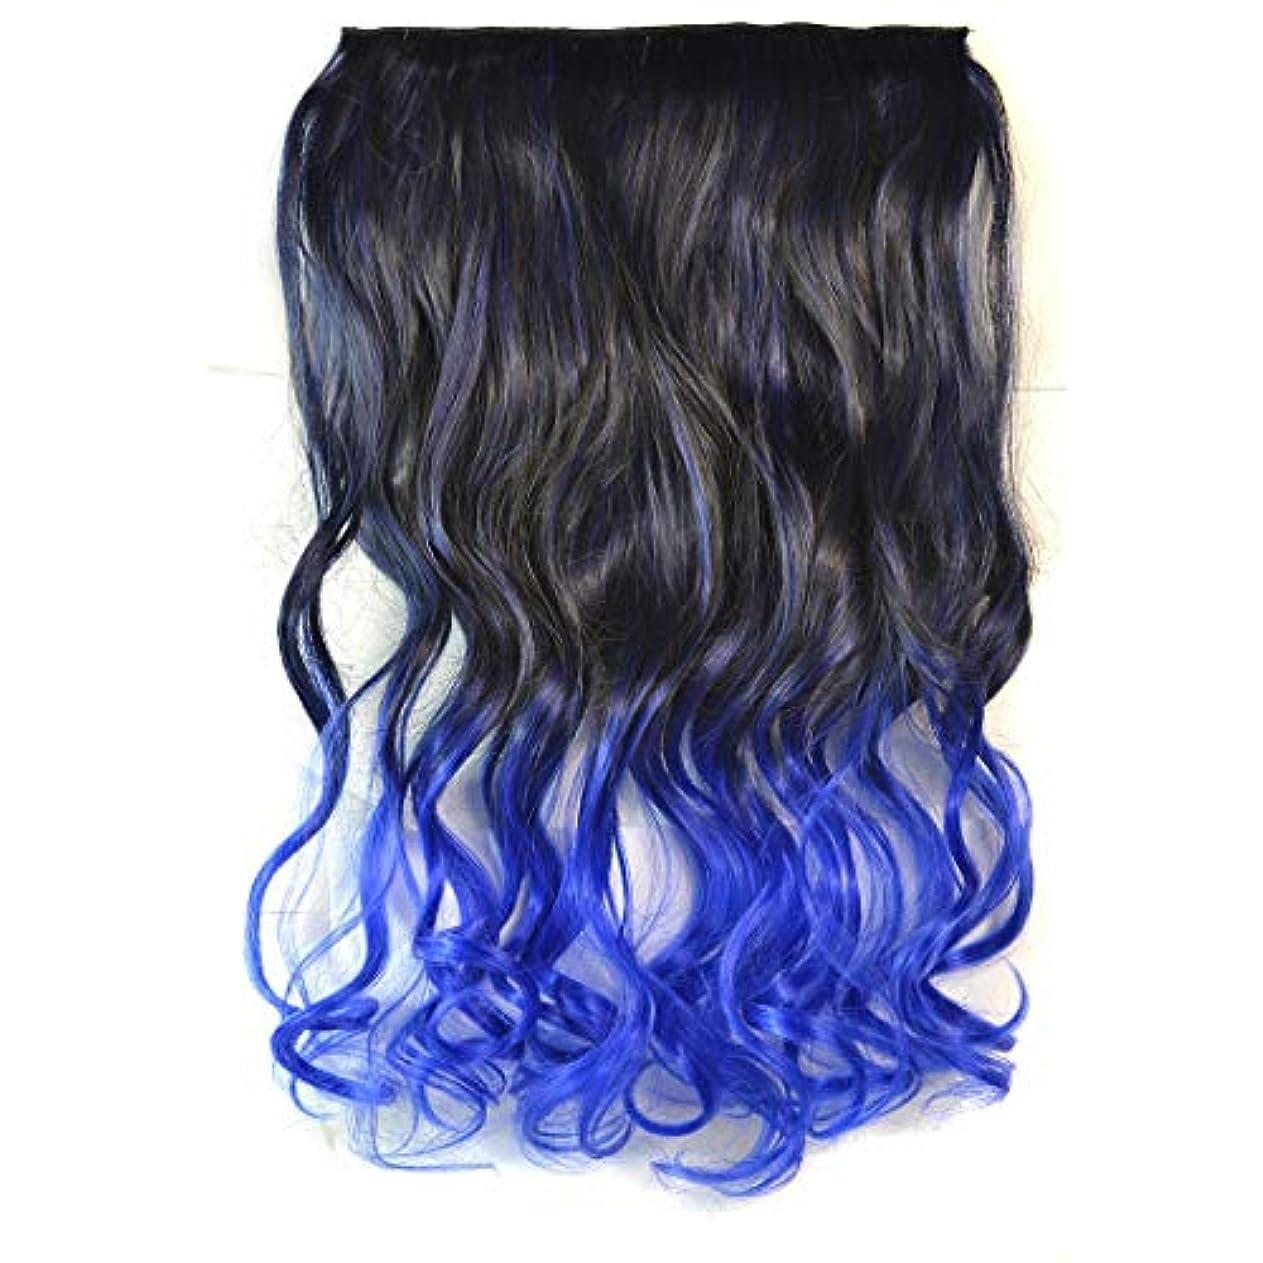 WTYD 美容ヘアツール ワンピースシームレスヘアエクステンションピースカラーグラデーション大波ロングカーリングクリップタイプヘアピース